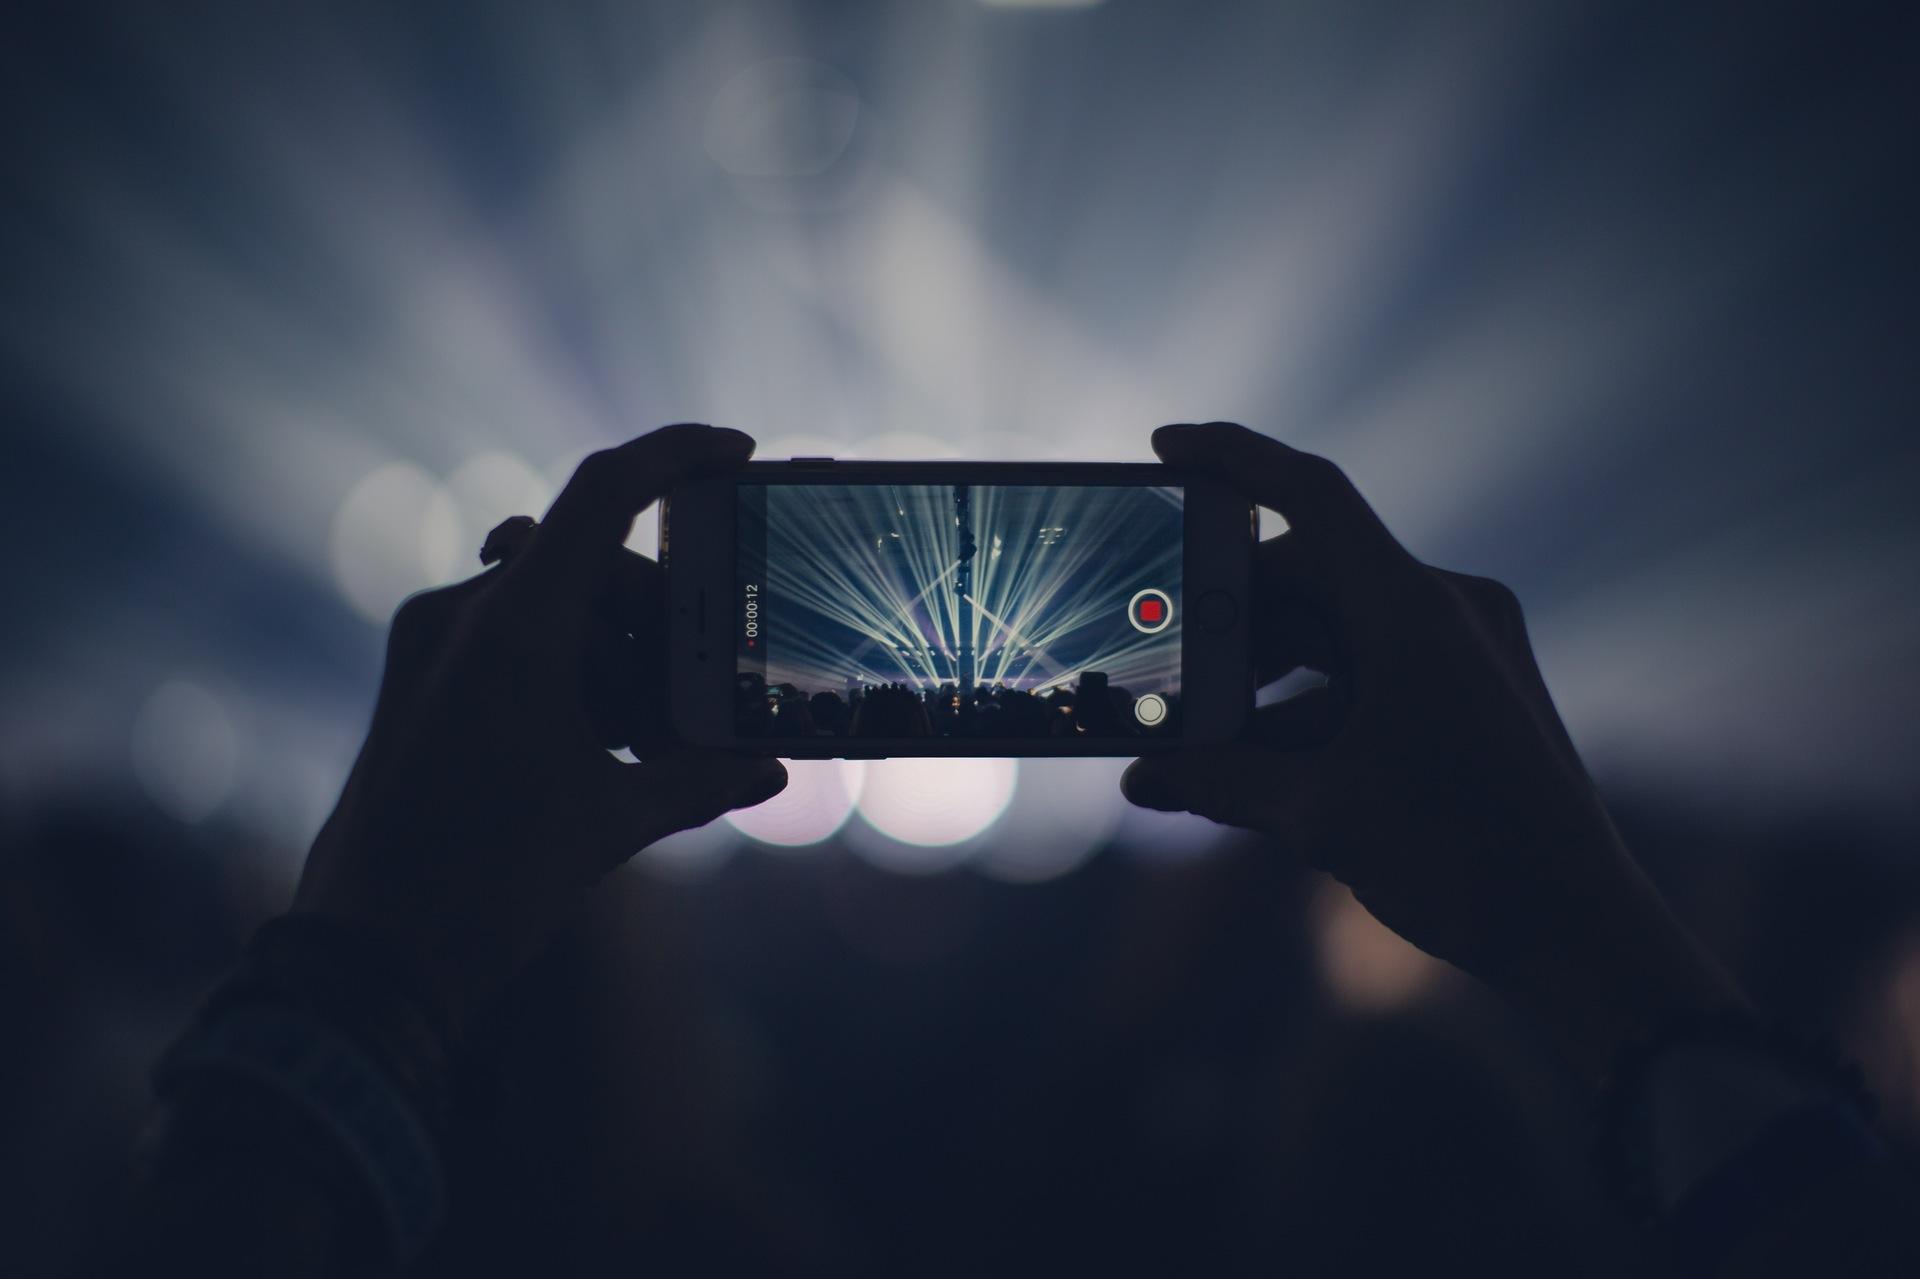 concert, Parti, Mobile, lumières, souvenirs, vidéo, enregistrement - Fonds d'écran HD - Professor-falken.com